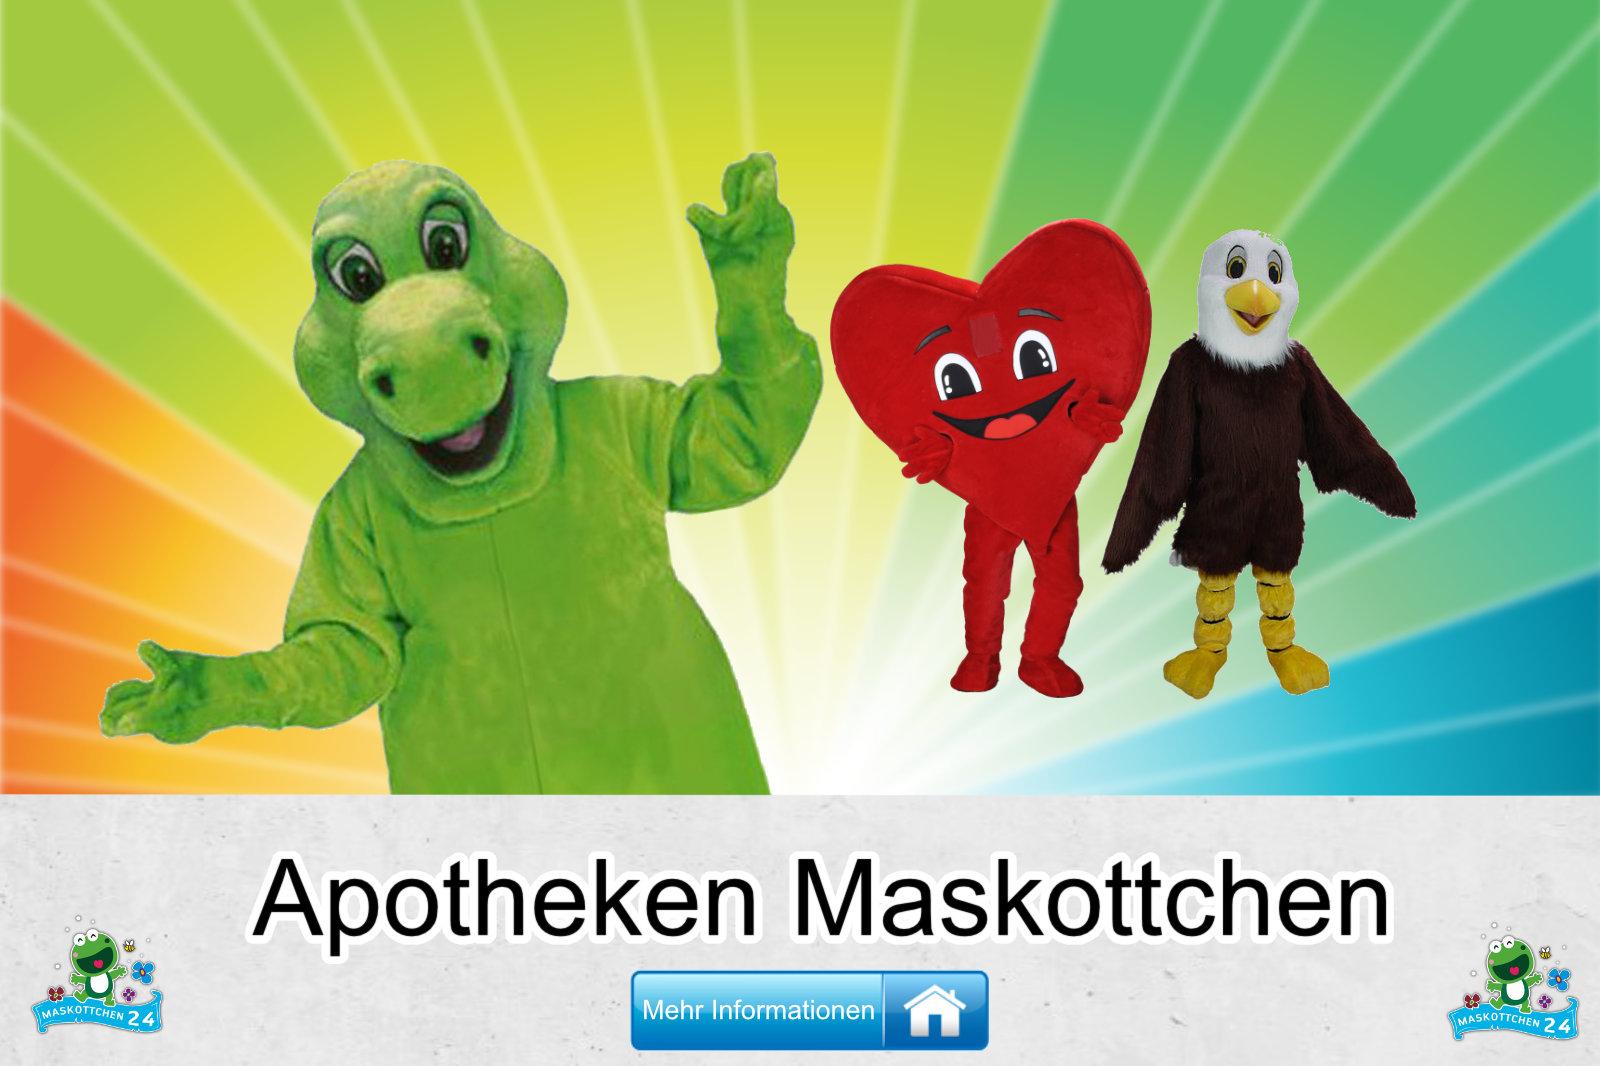 Apotheken Maskottchen Kostüm Hersteller Firma günstig kaufen